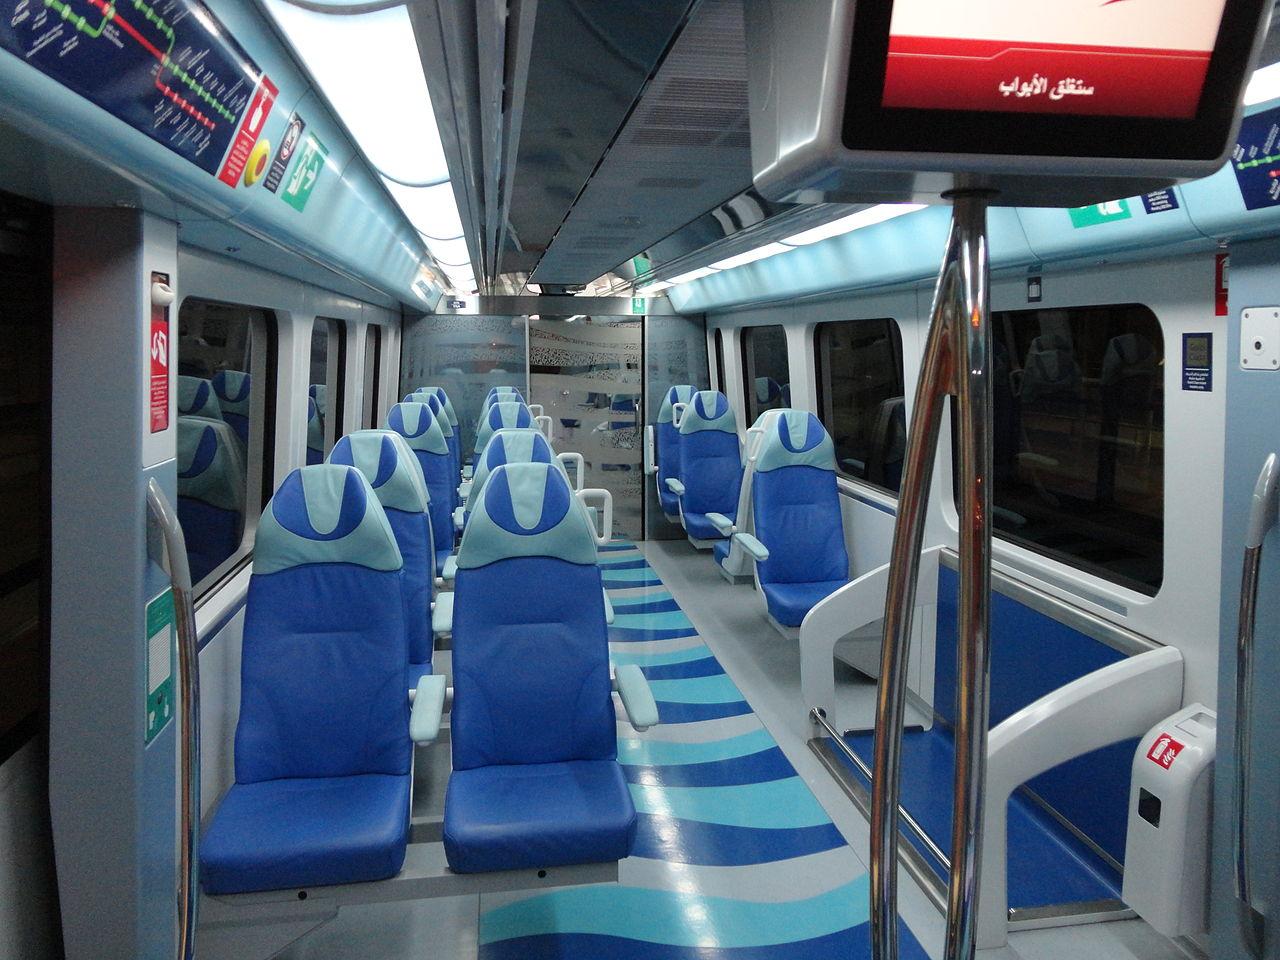 مترو دبى - dubai metro (99)